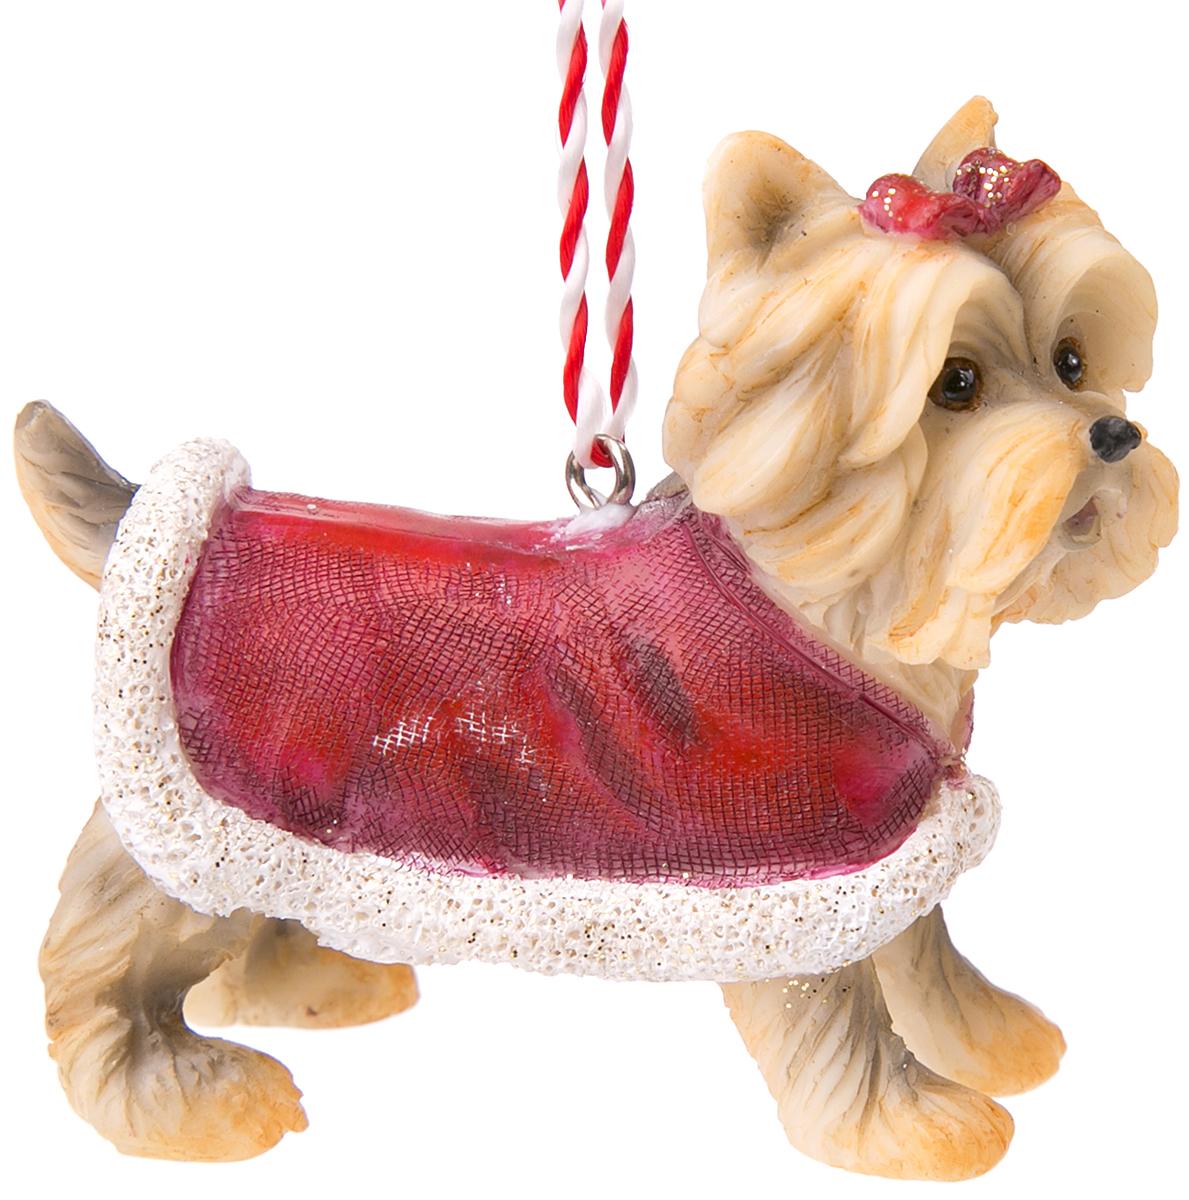 Украшение новогоднее подвесное Magic Time Йоркширский терьер в красном манто. 7513275132Оригинальное новогоднее украшение Magic Time выполнено из полирезины в виде йоркширкского терьера. Спомощью специальной петельки украшениеможно повесить в любом понравившемся вам месте. Но,конечно же, удачнее всего такая игрушка будетсмотреться на праздничной елке.Новогодние украшения приносят в дом волшебство иощущение праздника. Создайте в своем доме атмосферувеселья и радости, украшая всей семьей новогоднююелку нарядными игрушками, которые будут из года в годнакапливать теплоту воспоминаний.